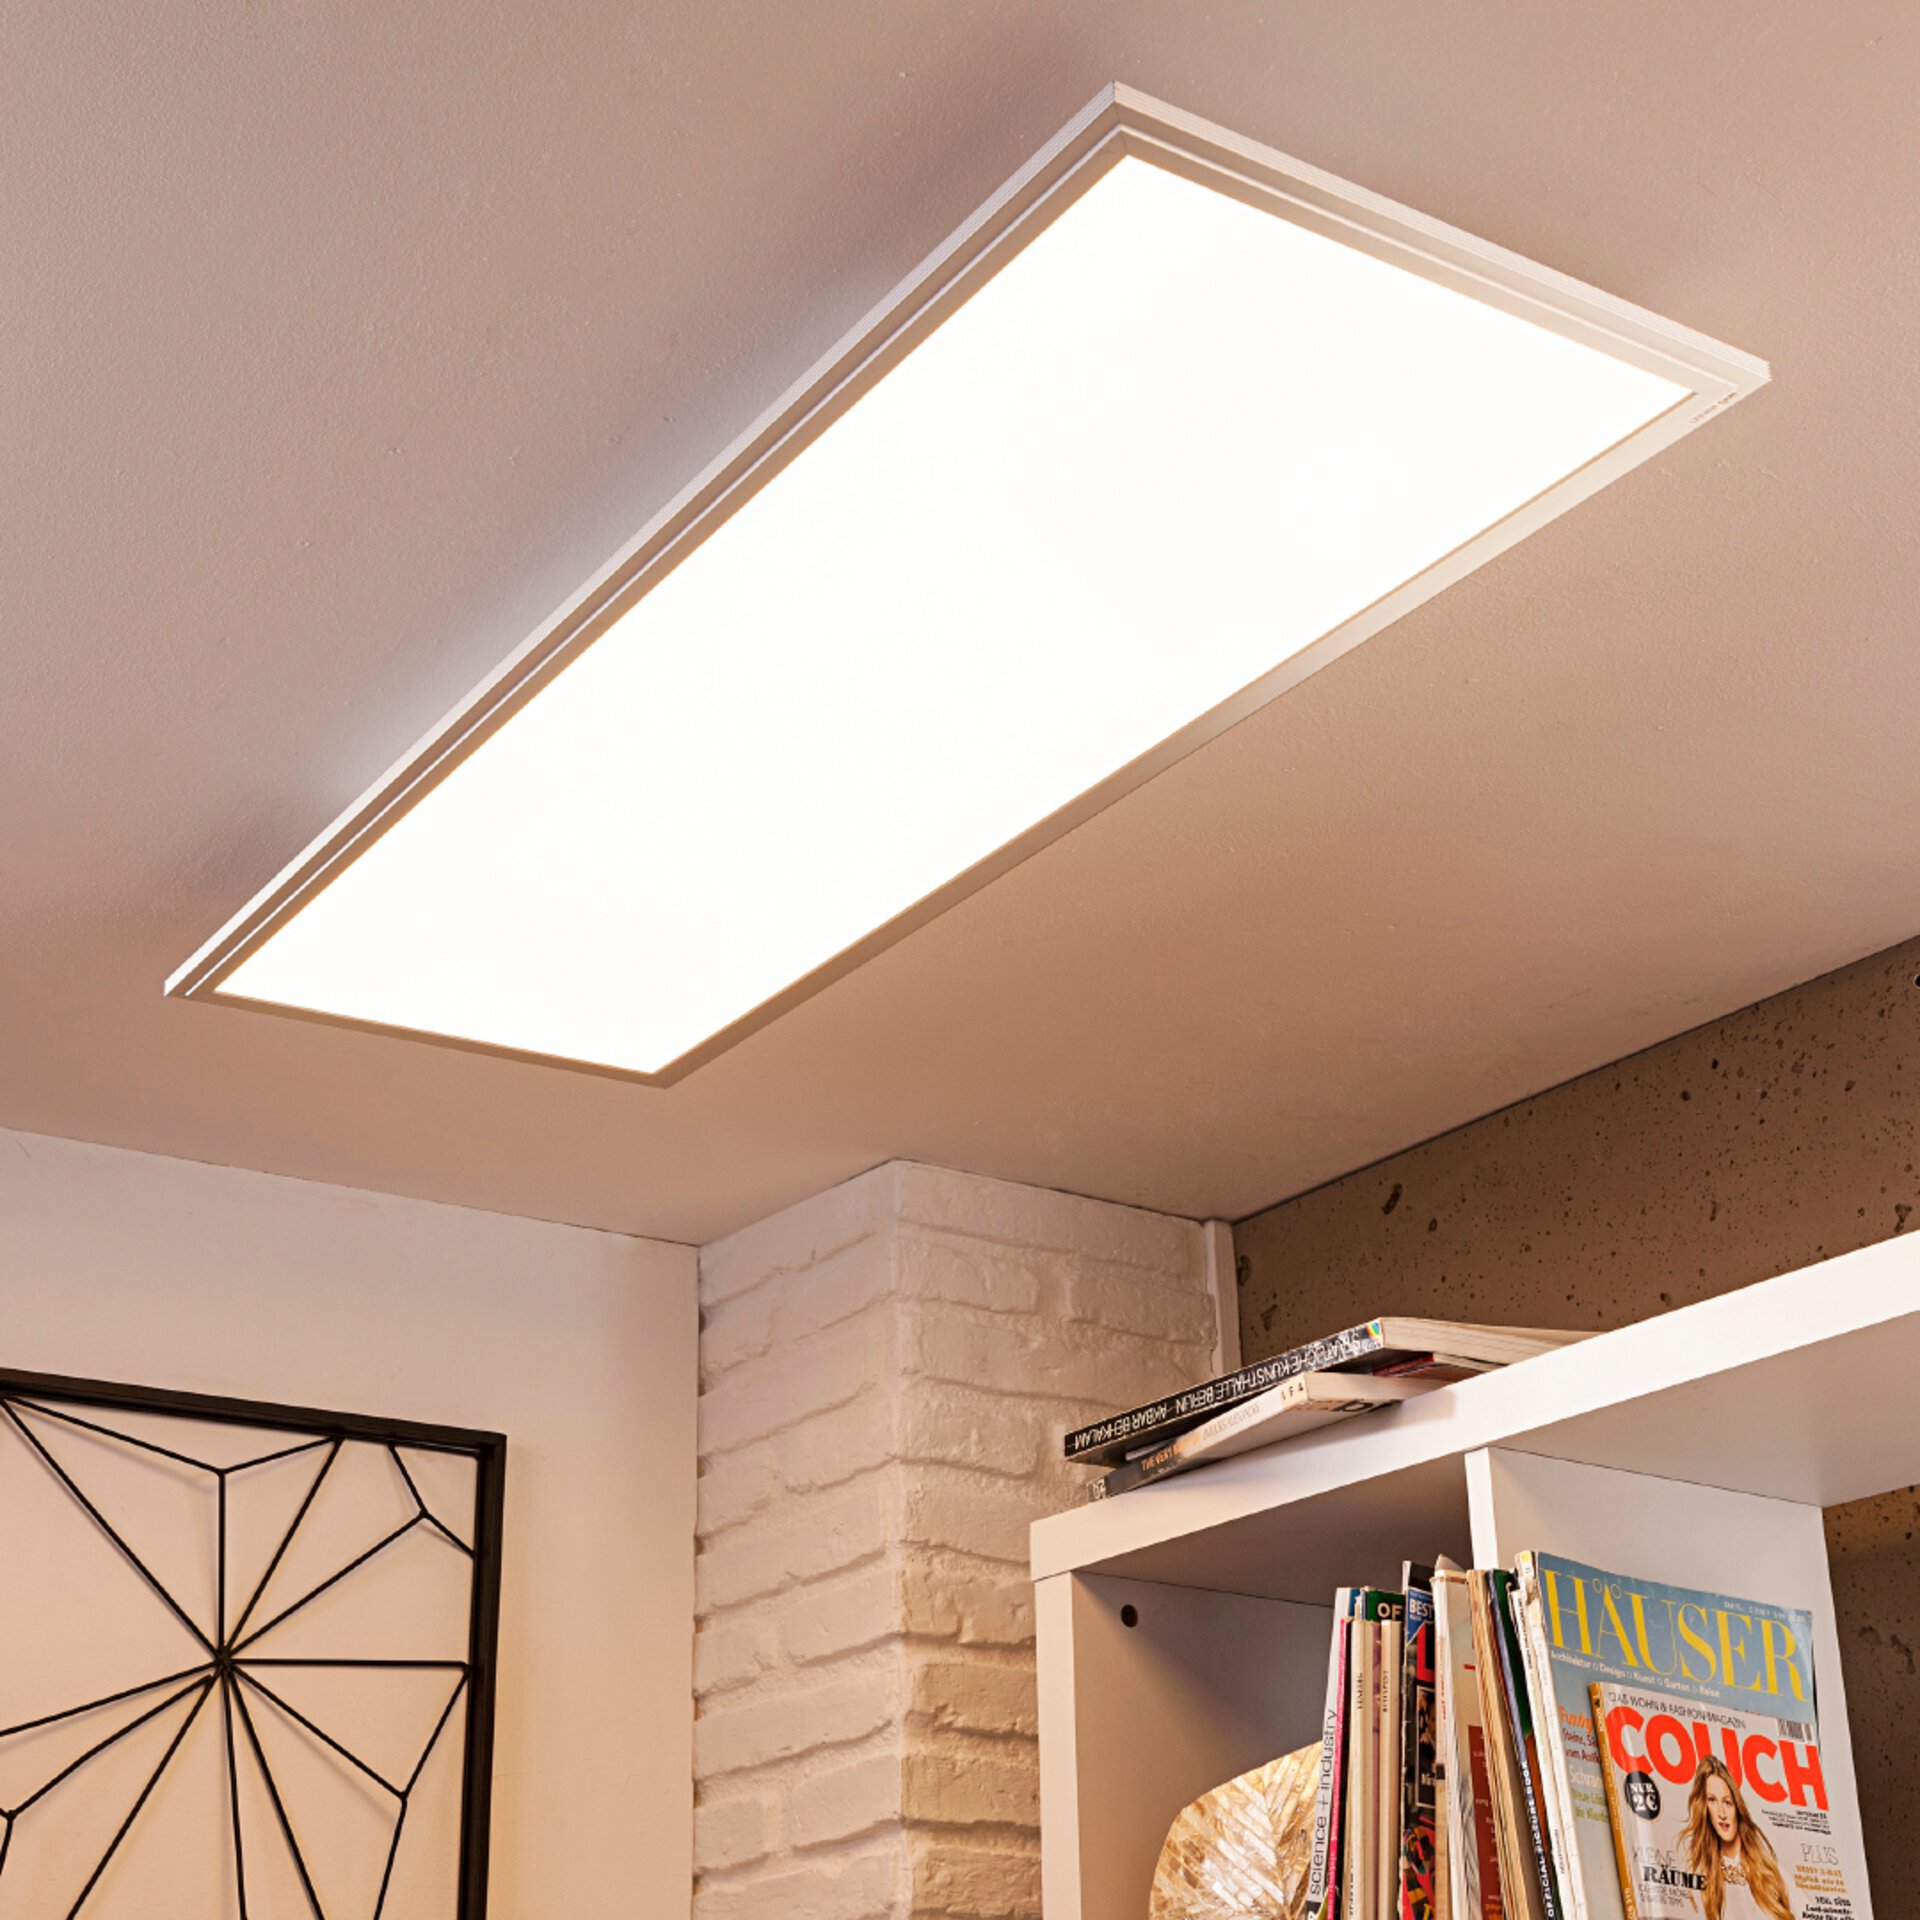 LED-Deckenleuchte, Länge 100cm